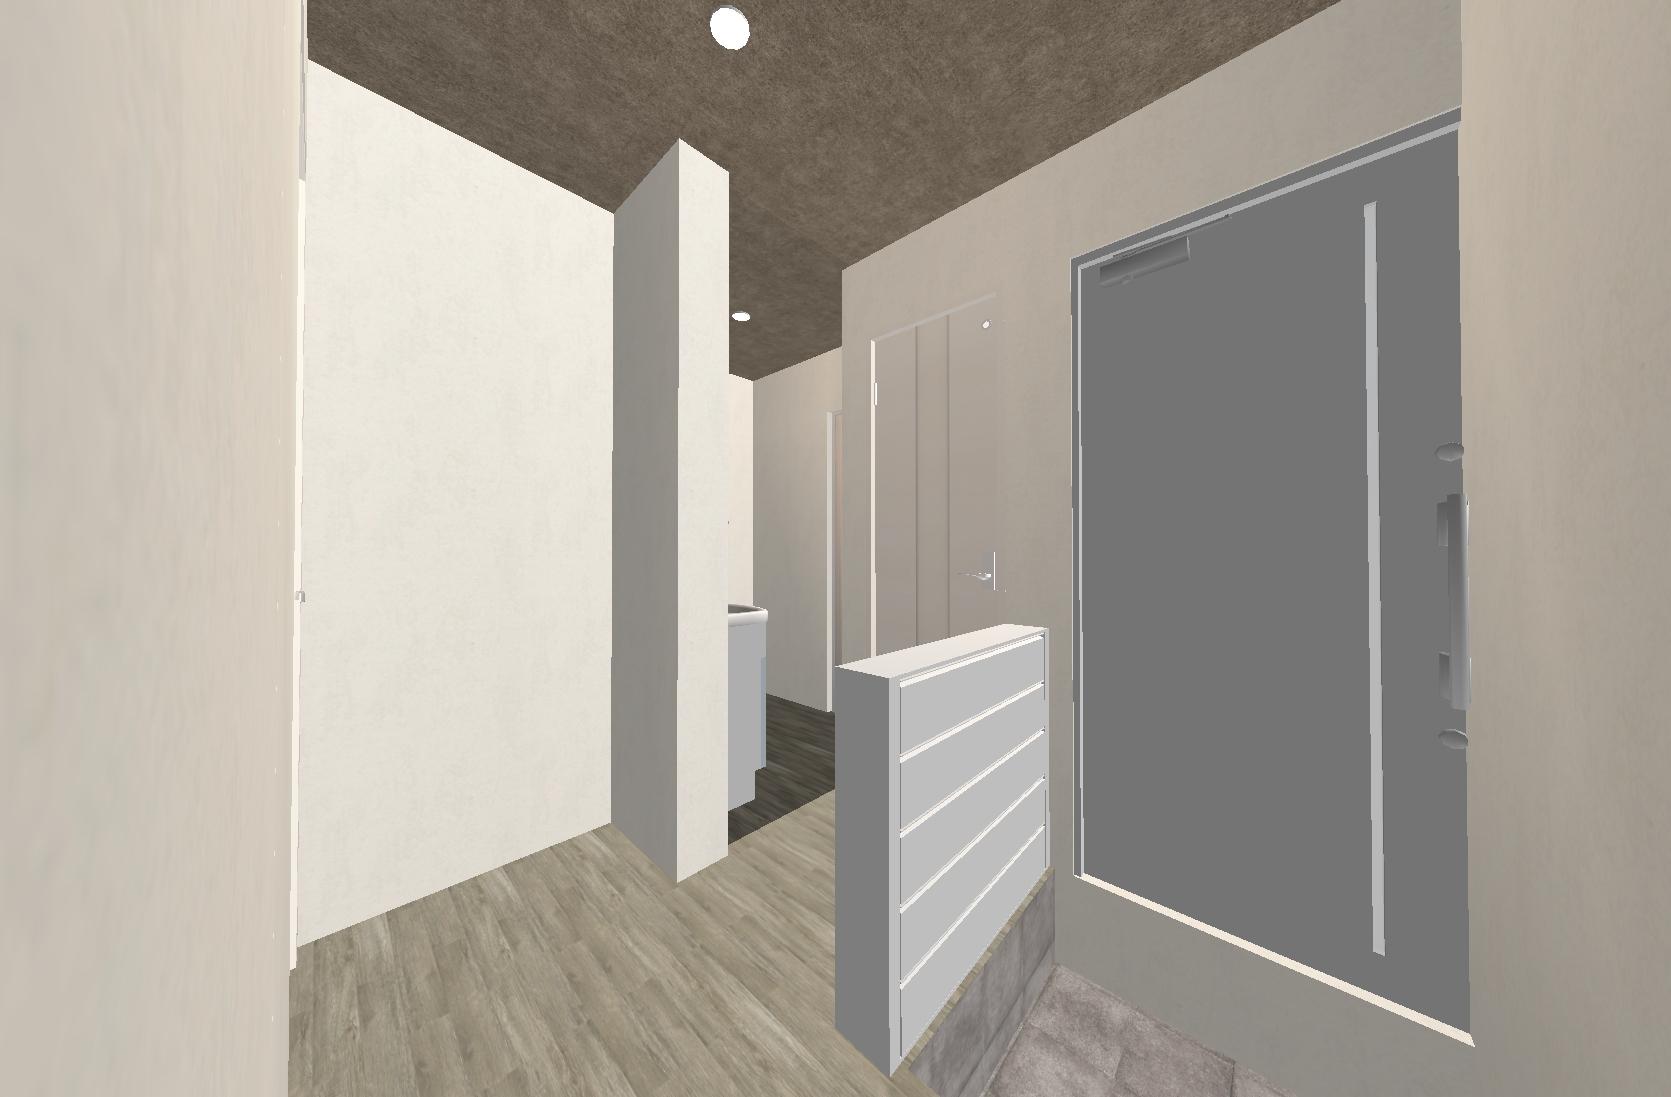 グレーとホワイトを基調とし、どんな家具とも合わせやすいお部屋になってます。